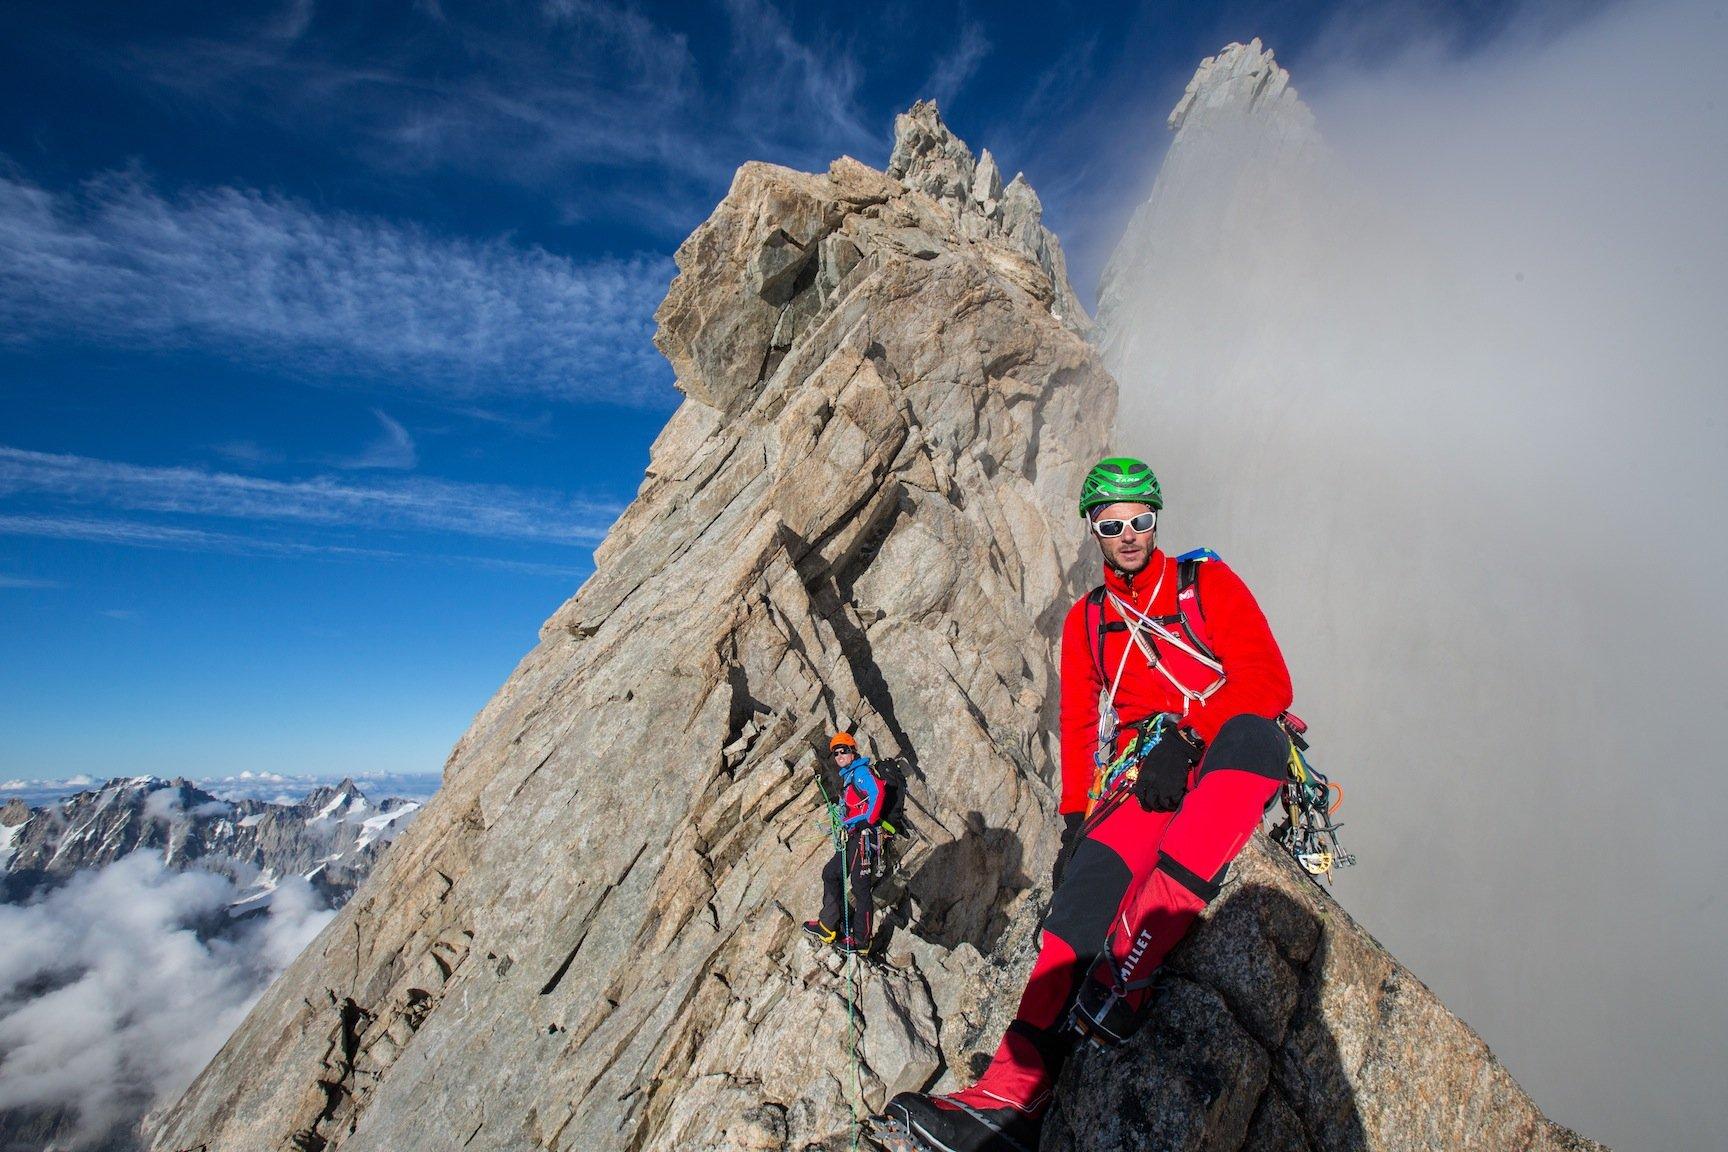 airFreshing_2016_Millet_RiseUp_Mountaineering